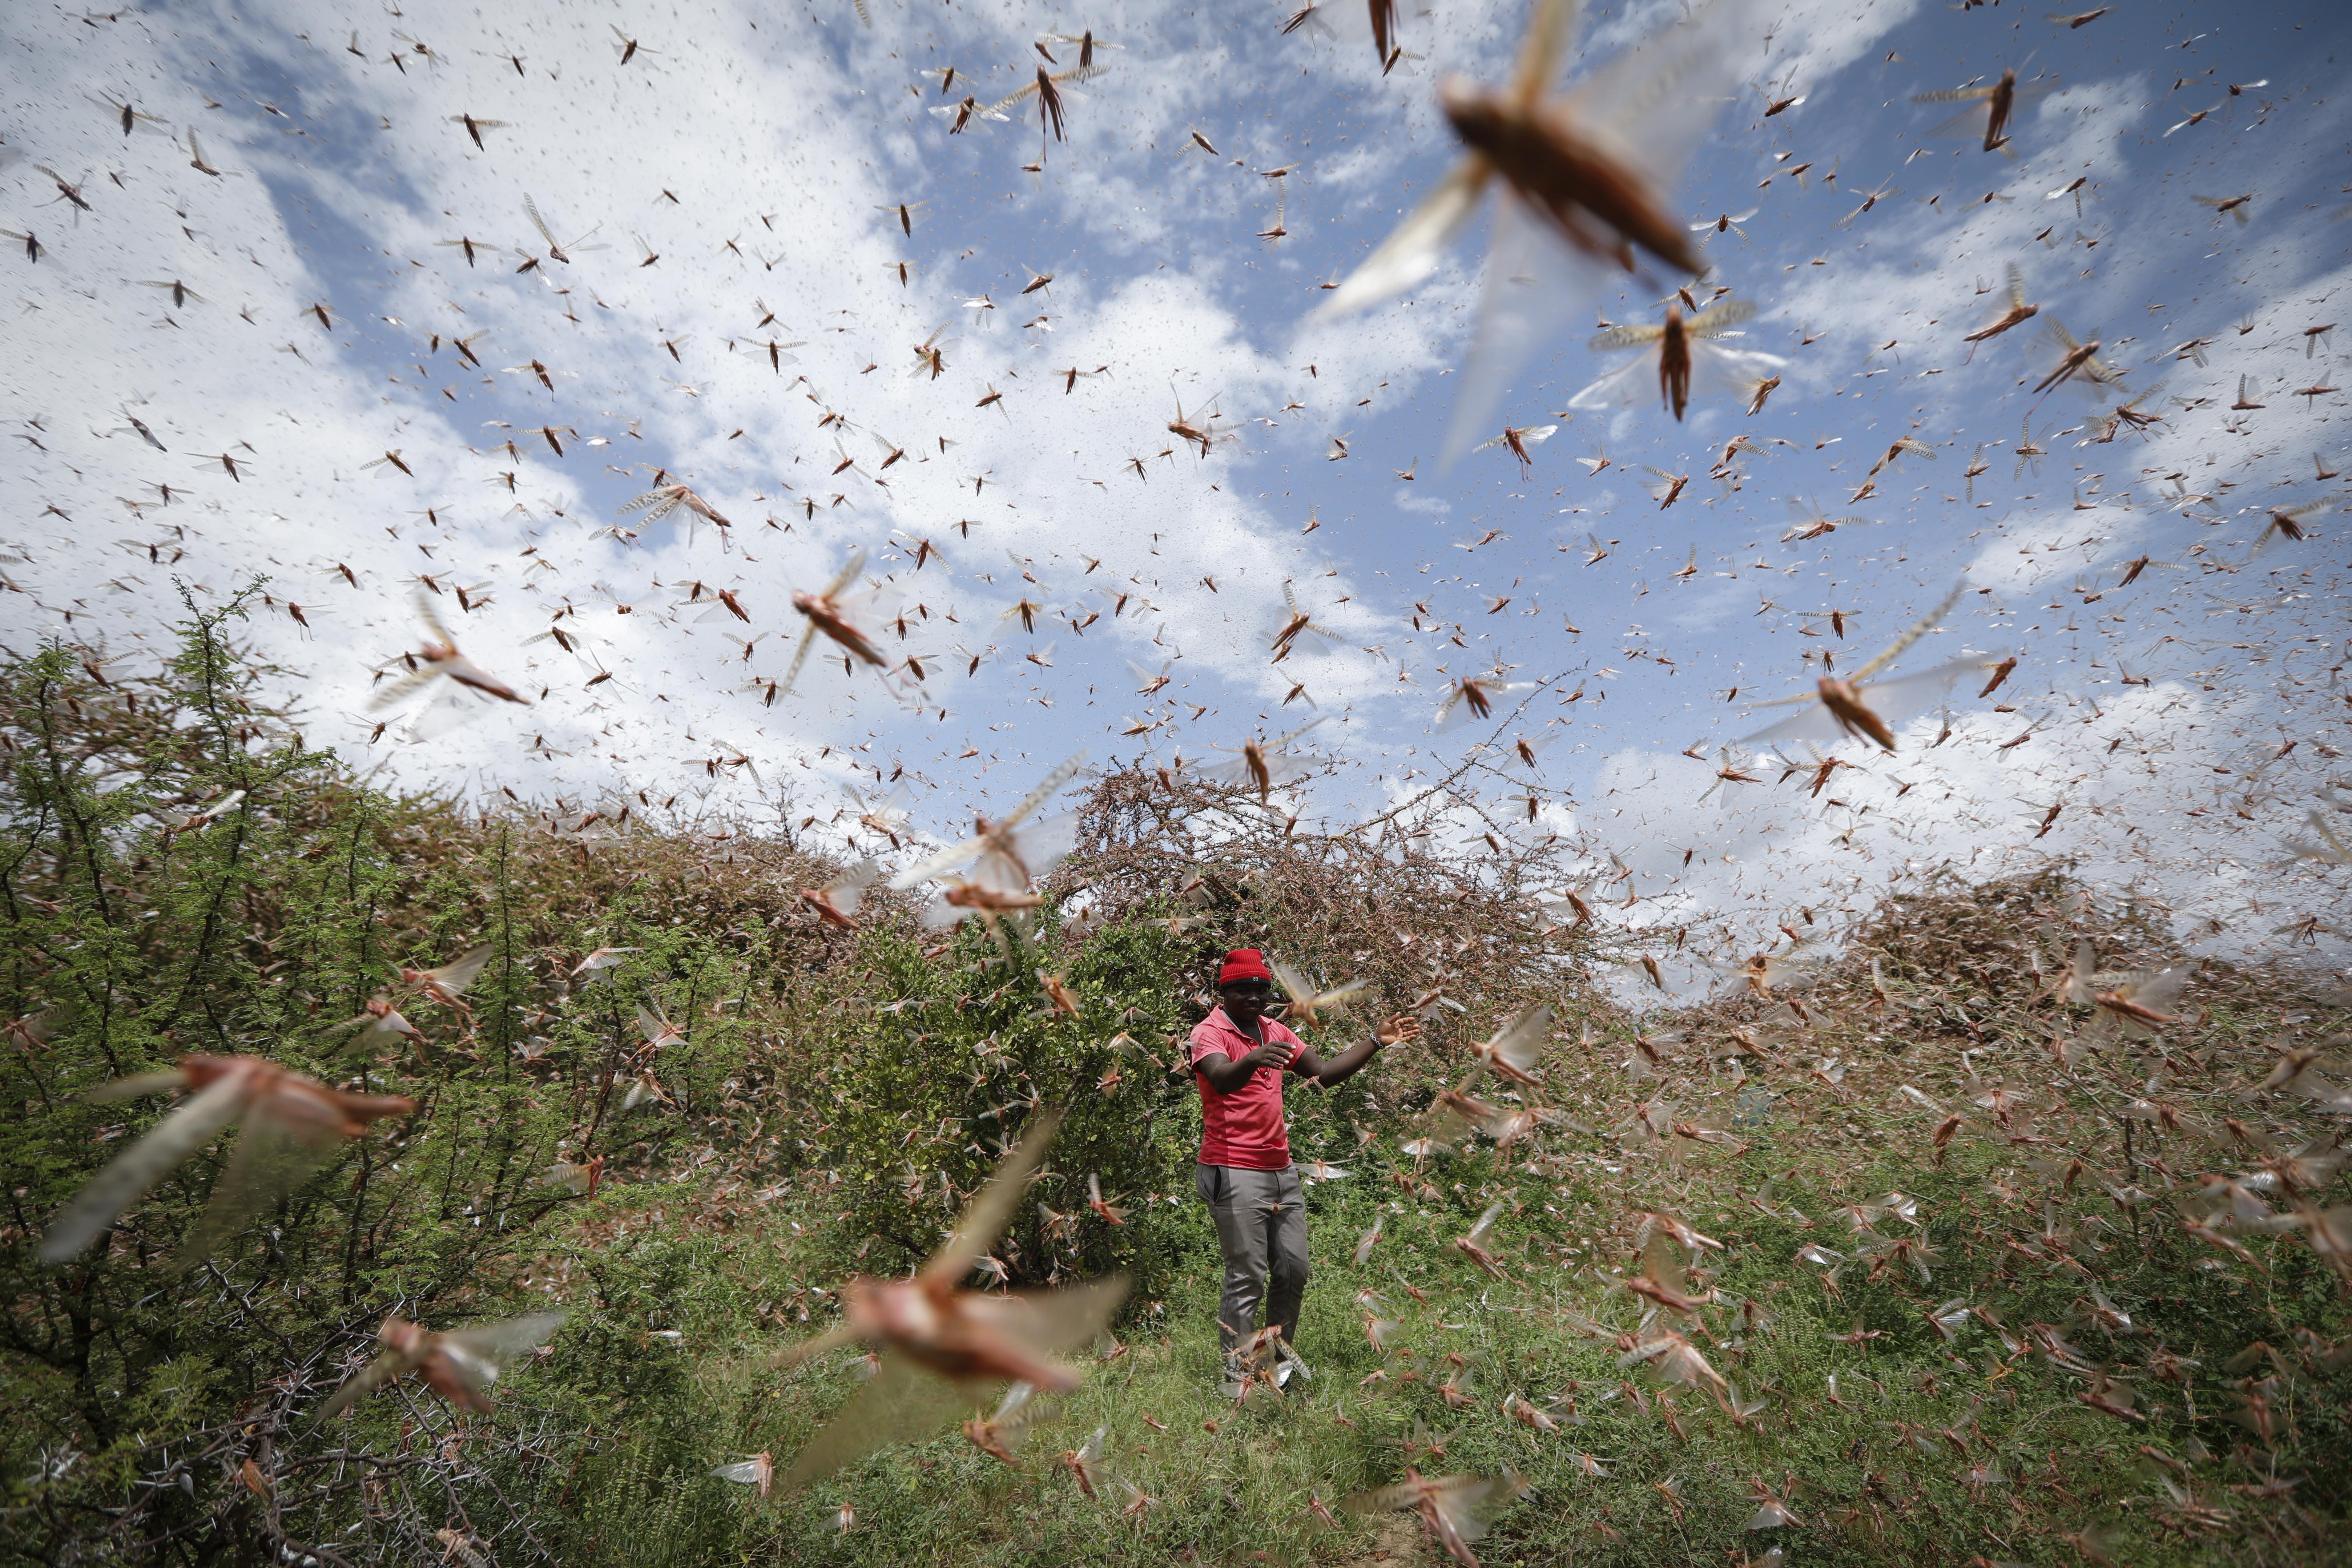 Niet alle virussen zorgen voor ellende. Dit kleine virus helpt tegen vraatzuchtige insecten.